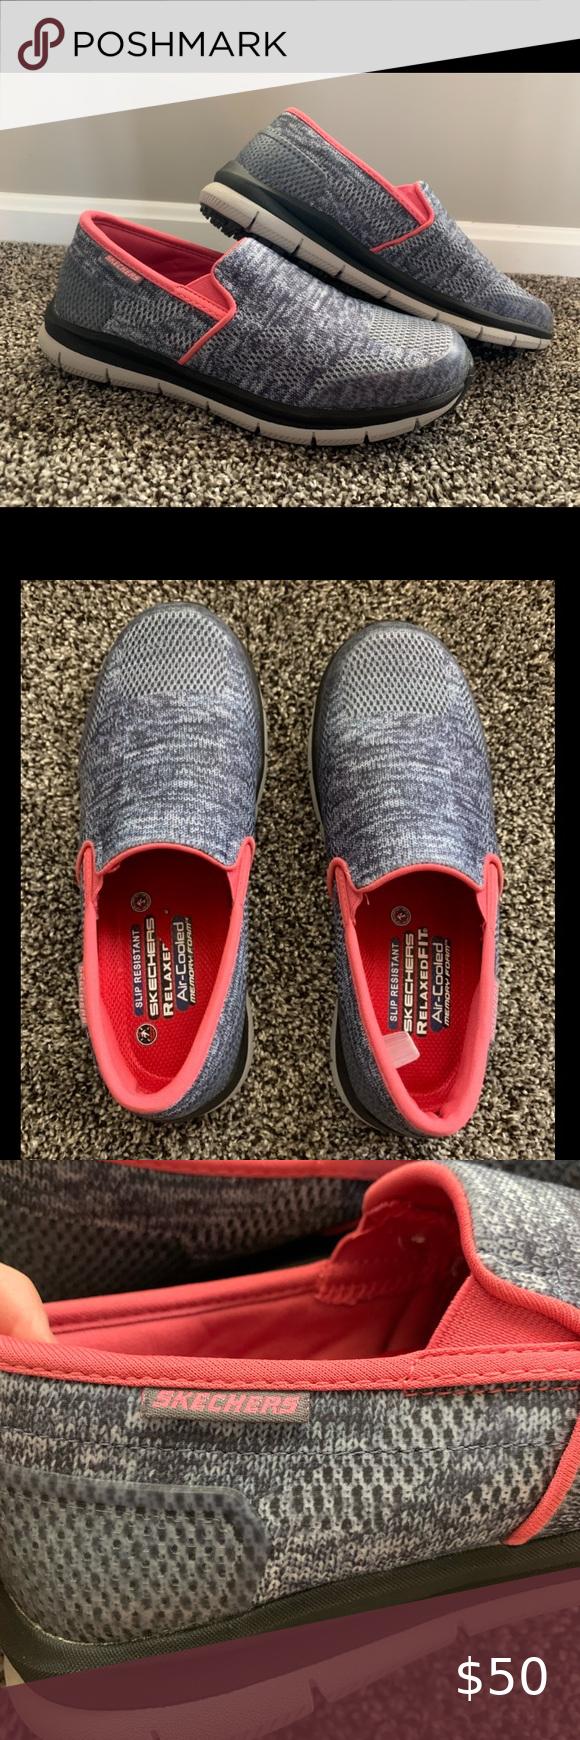 skechers workwear shoes